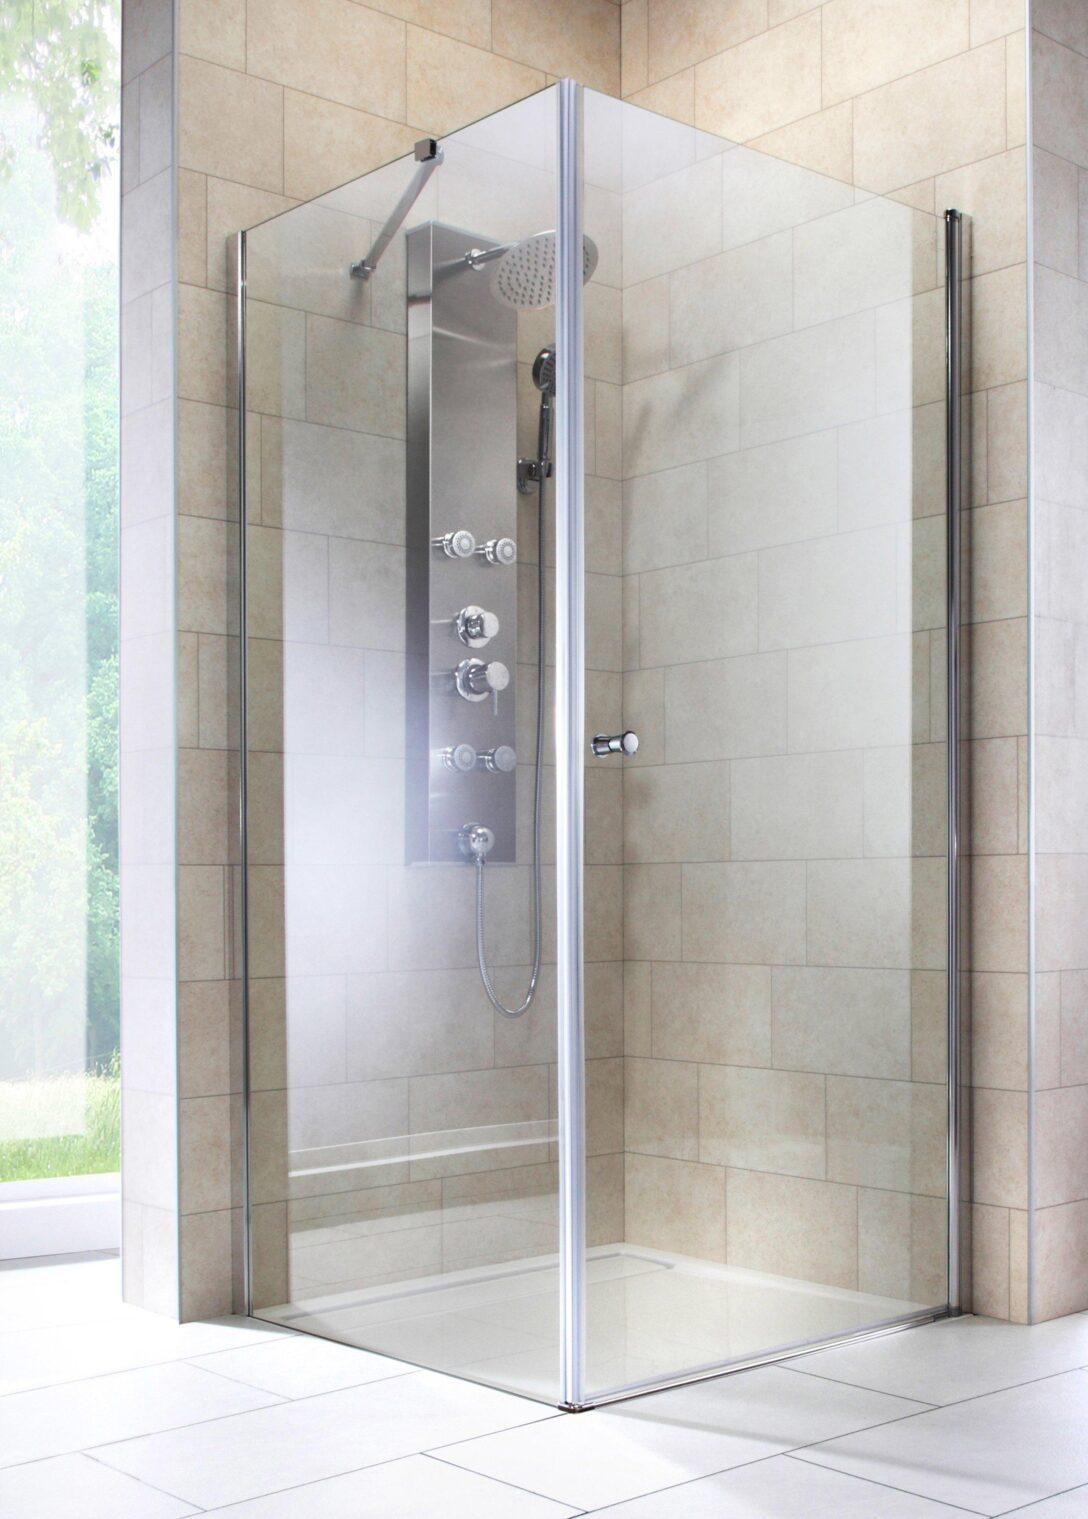 Large Size of Eckdusche Florenz Bluetooth Lautsprecher Dusche Komplett Set Bodengleiche Duschen Hüppe Kaufen Kleine Bäder Mit Bidet Begehbare Badewanne Behindertengerechte Dusche Dusche Eckeinstieg